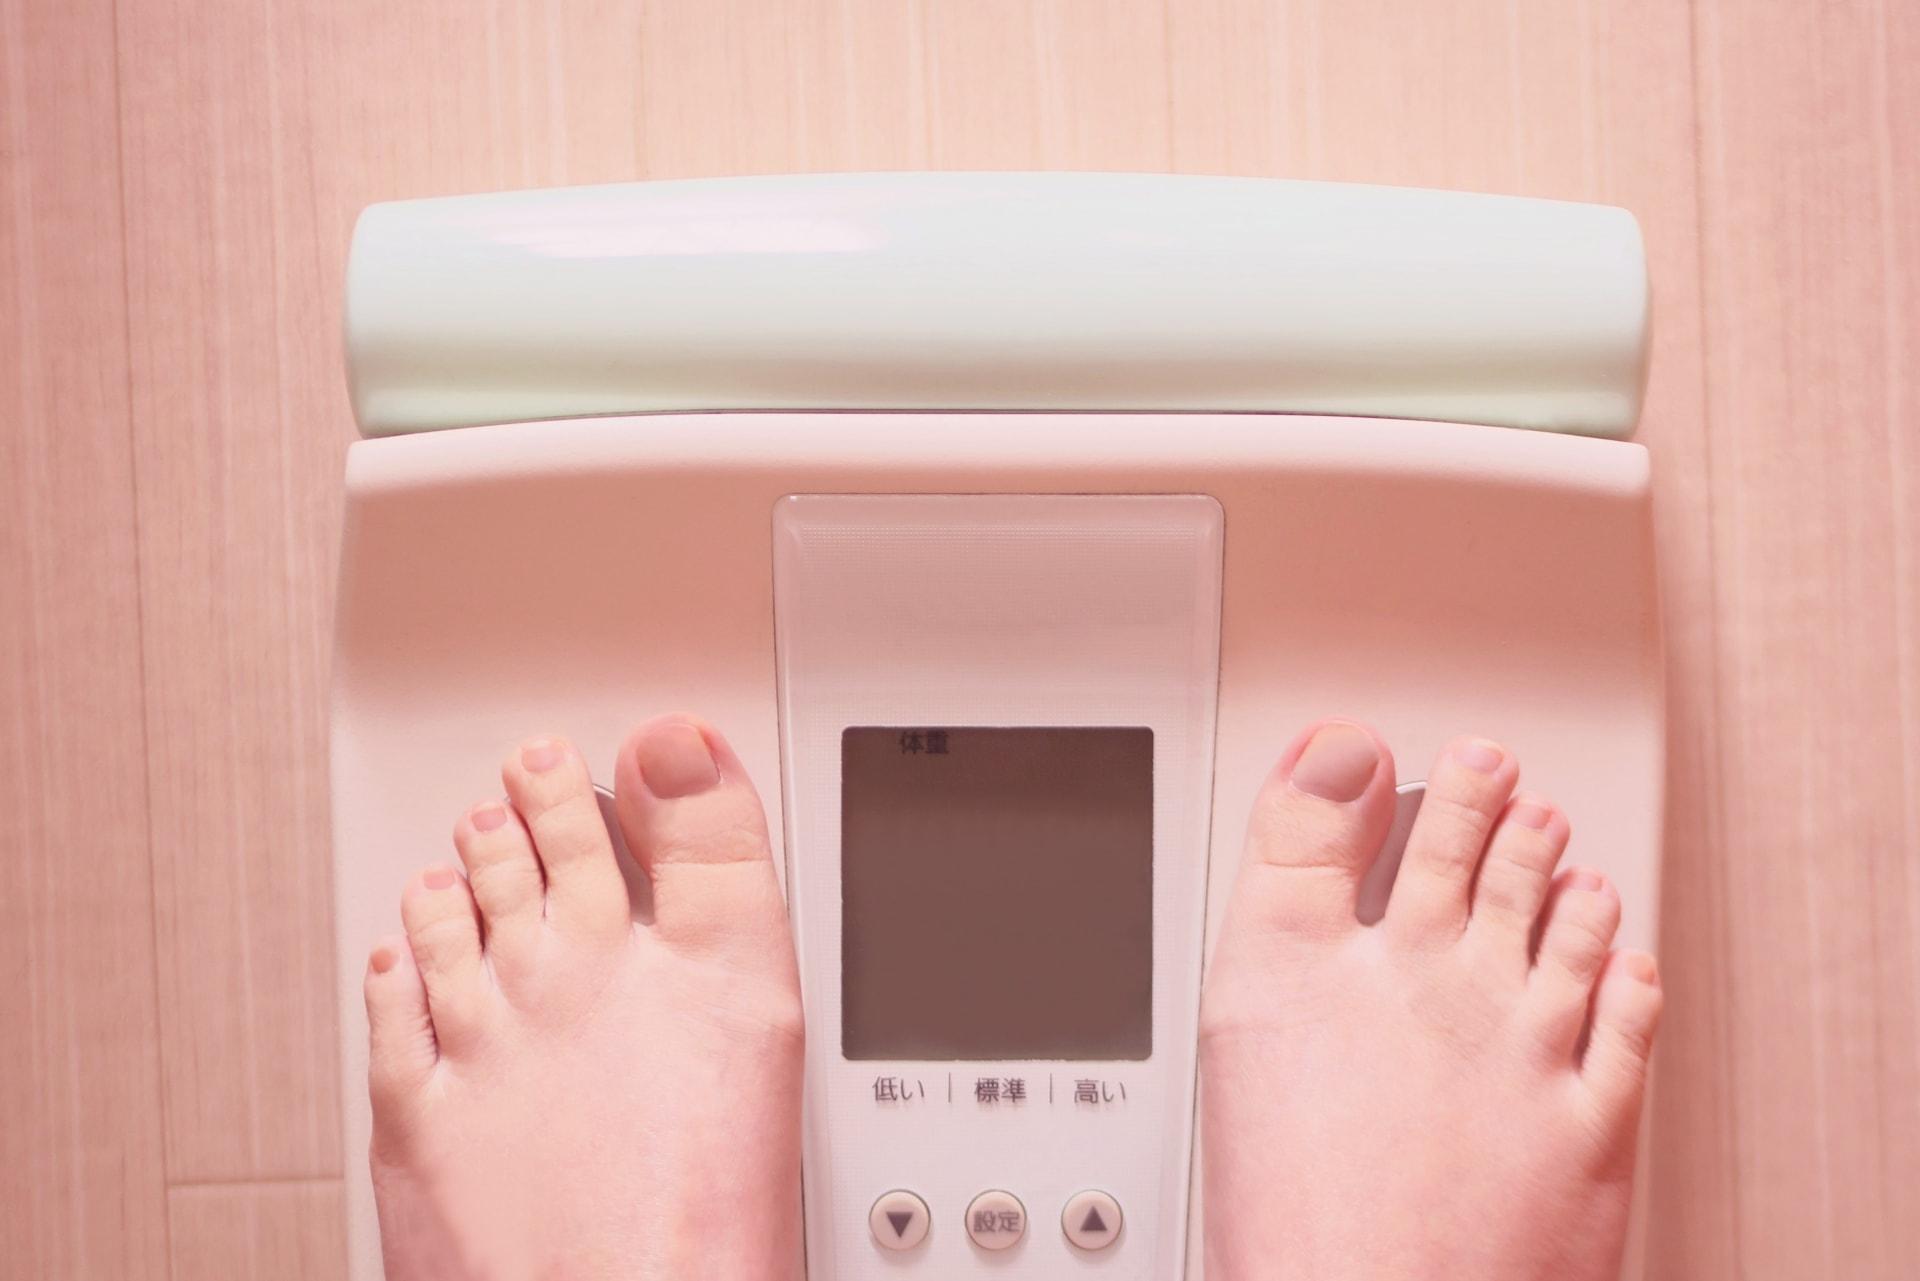 【妊活の身体作り】妊活中の体重管理は本当に大切です。